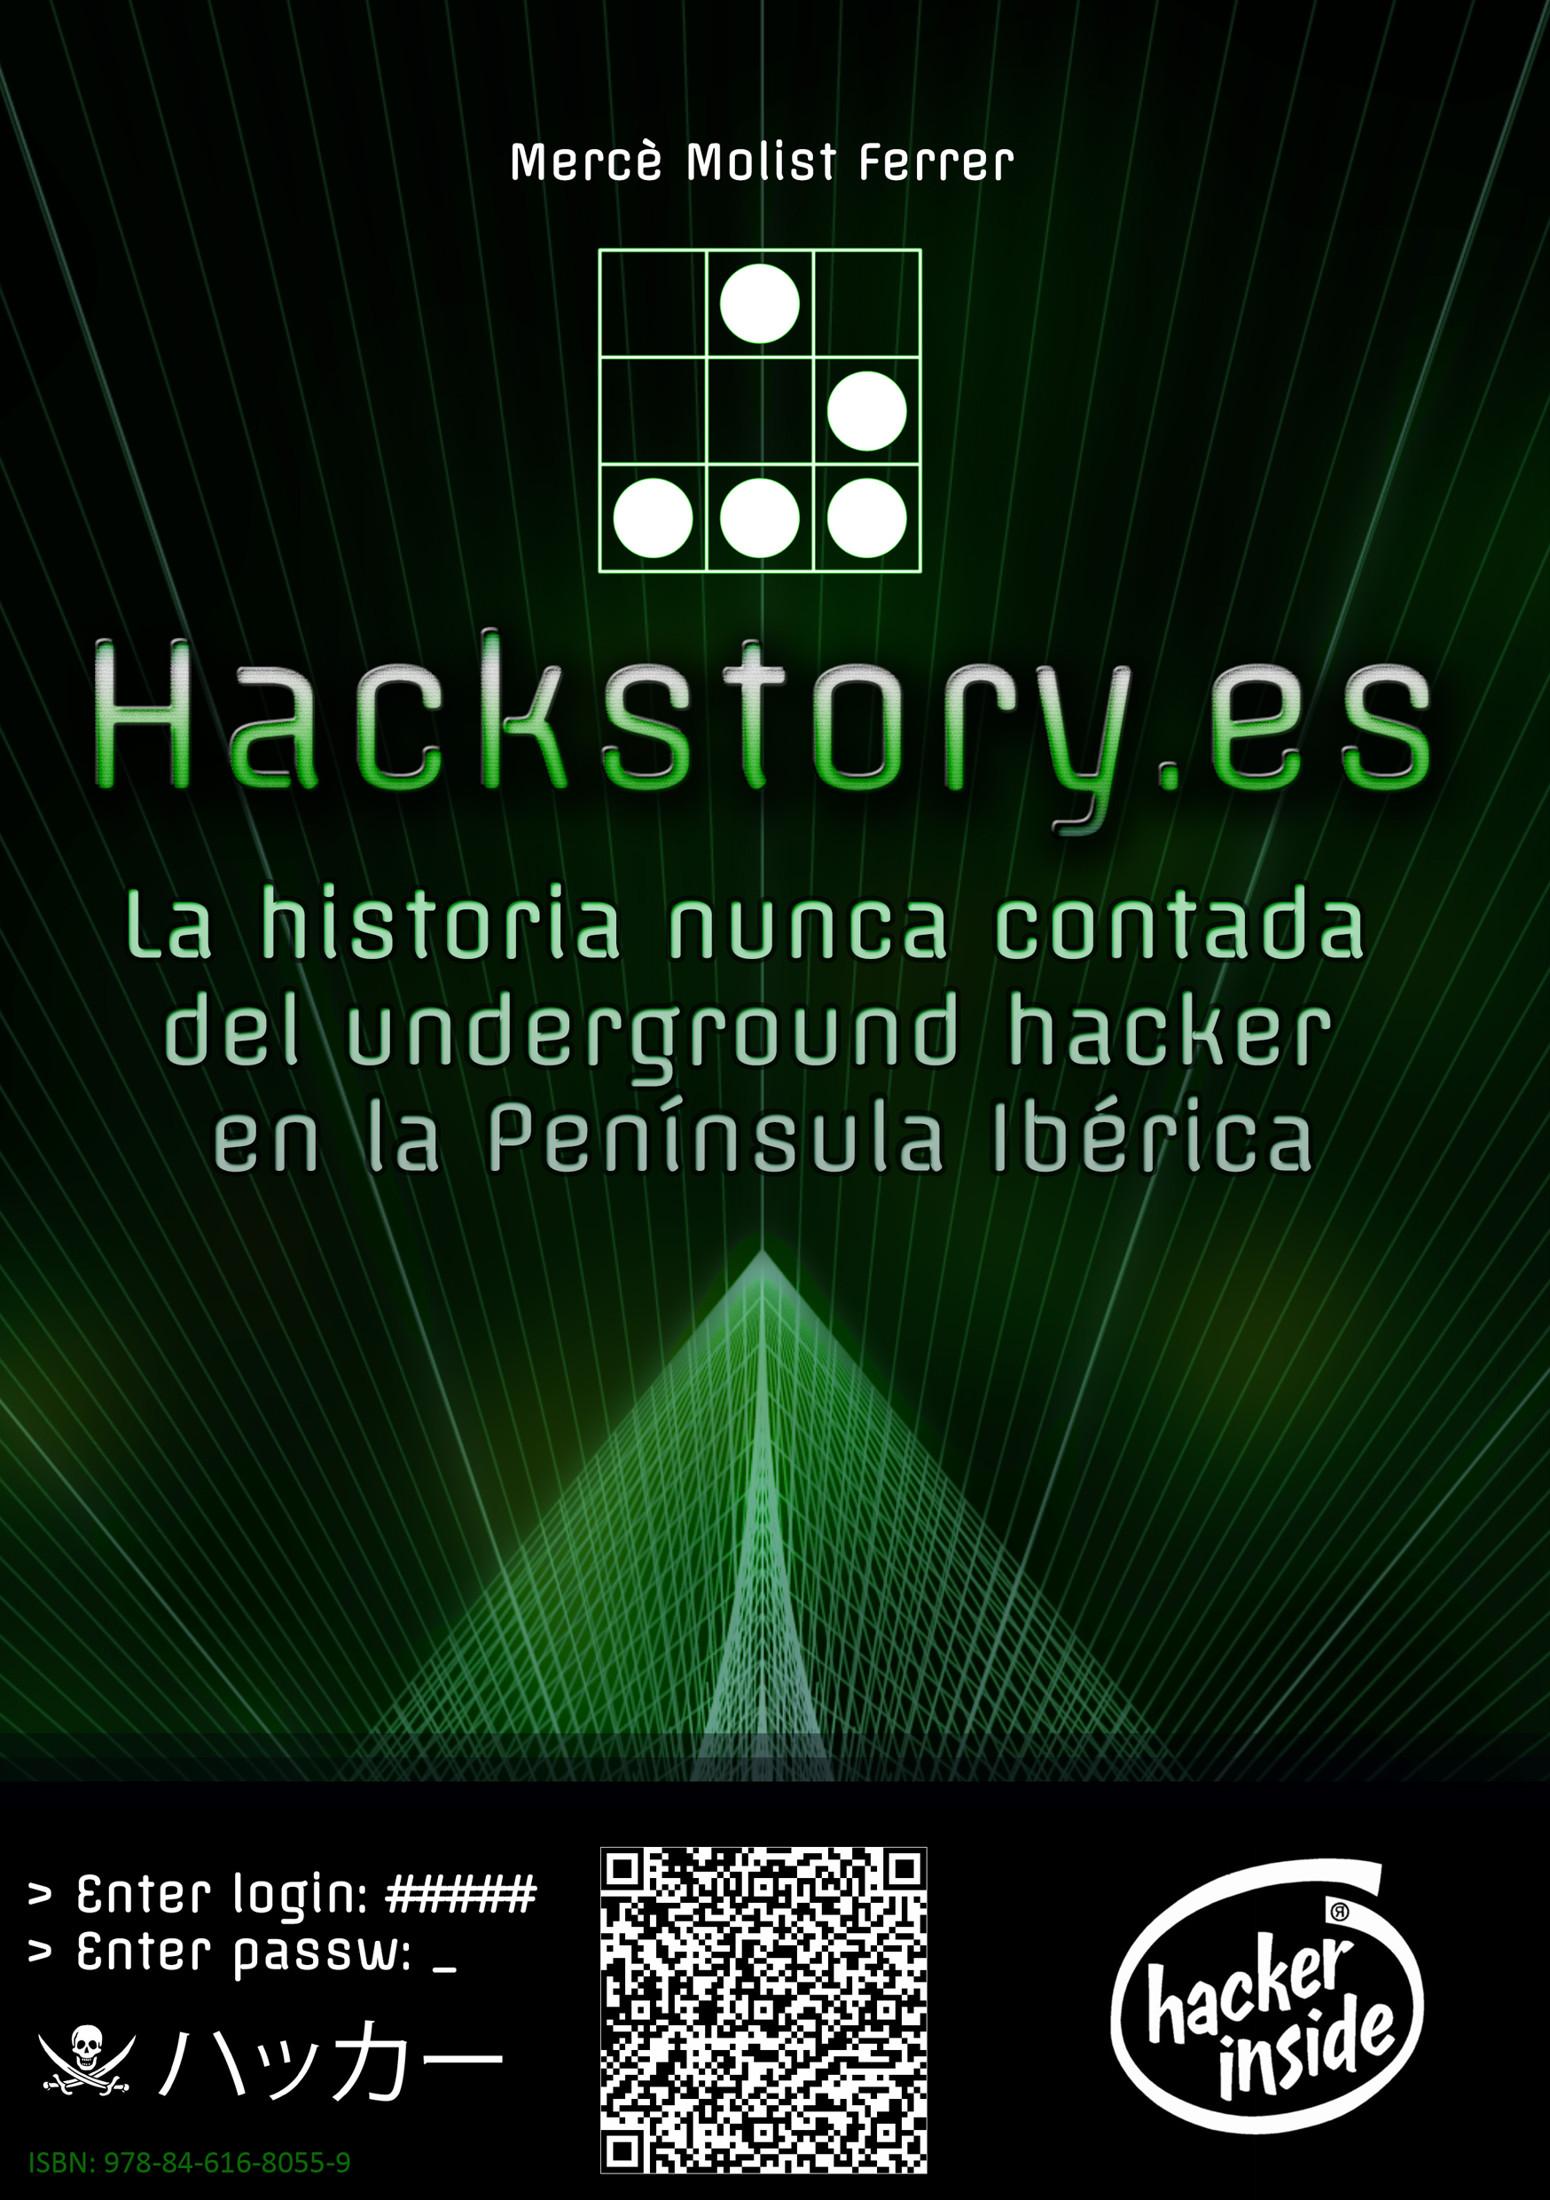 Molist Ferrer, Merce - Hackstory.es